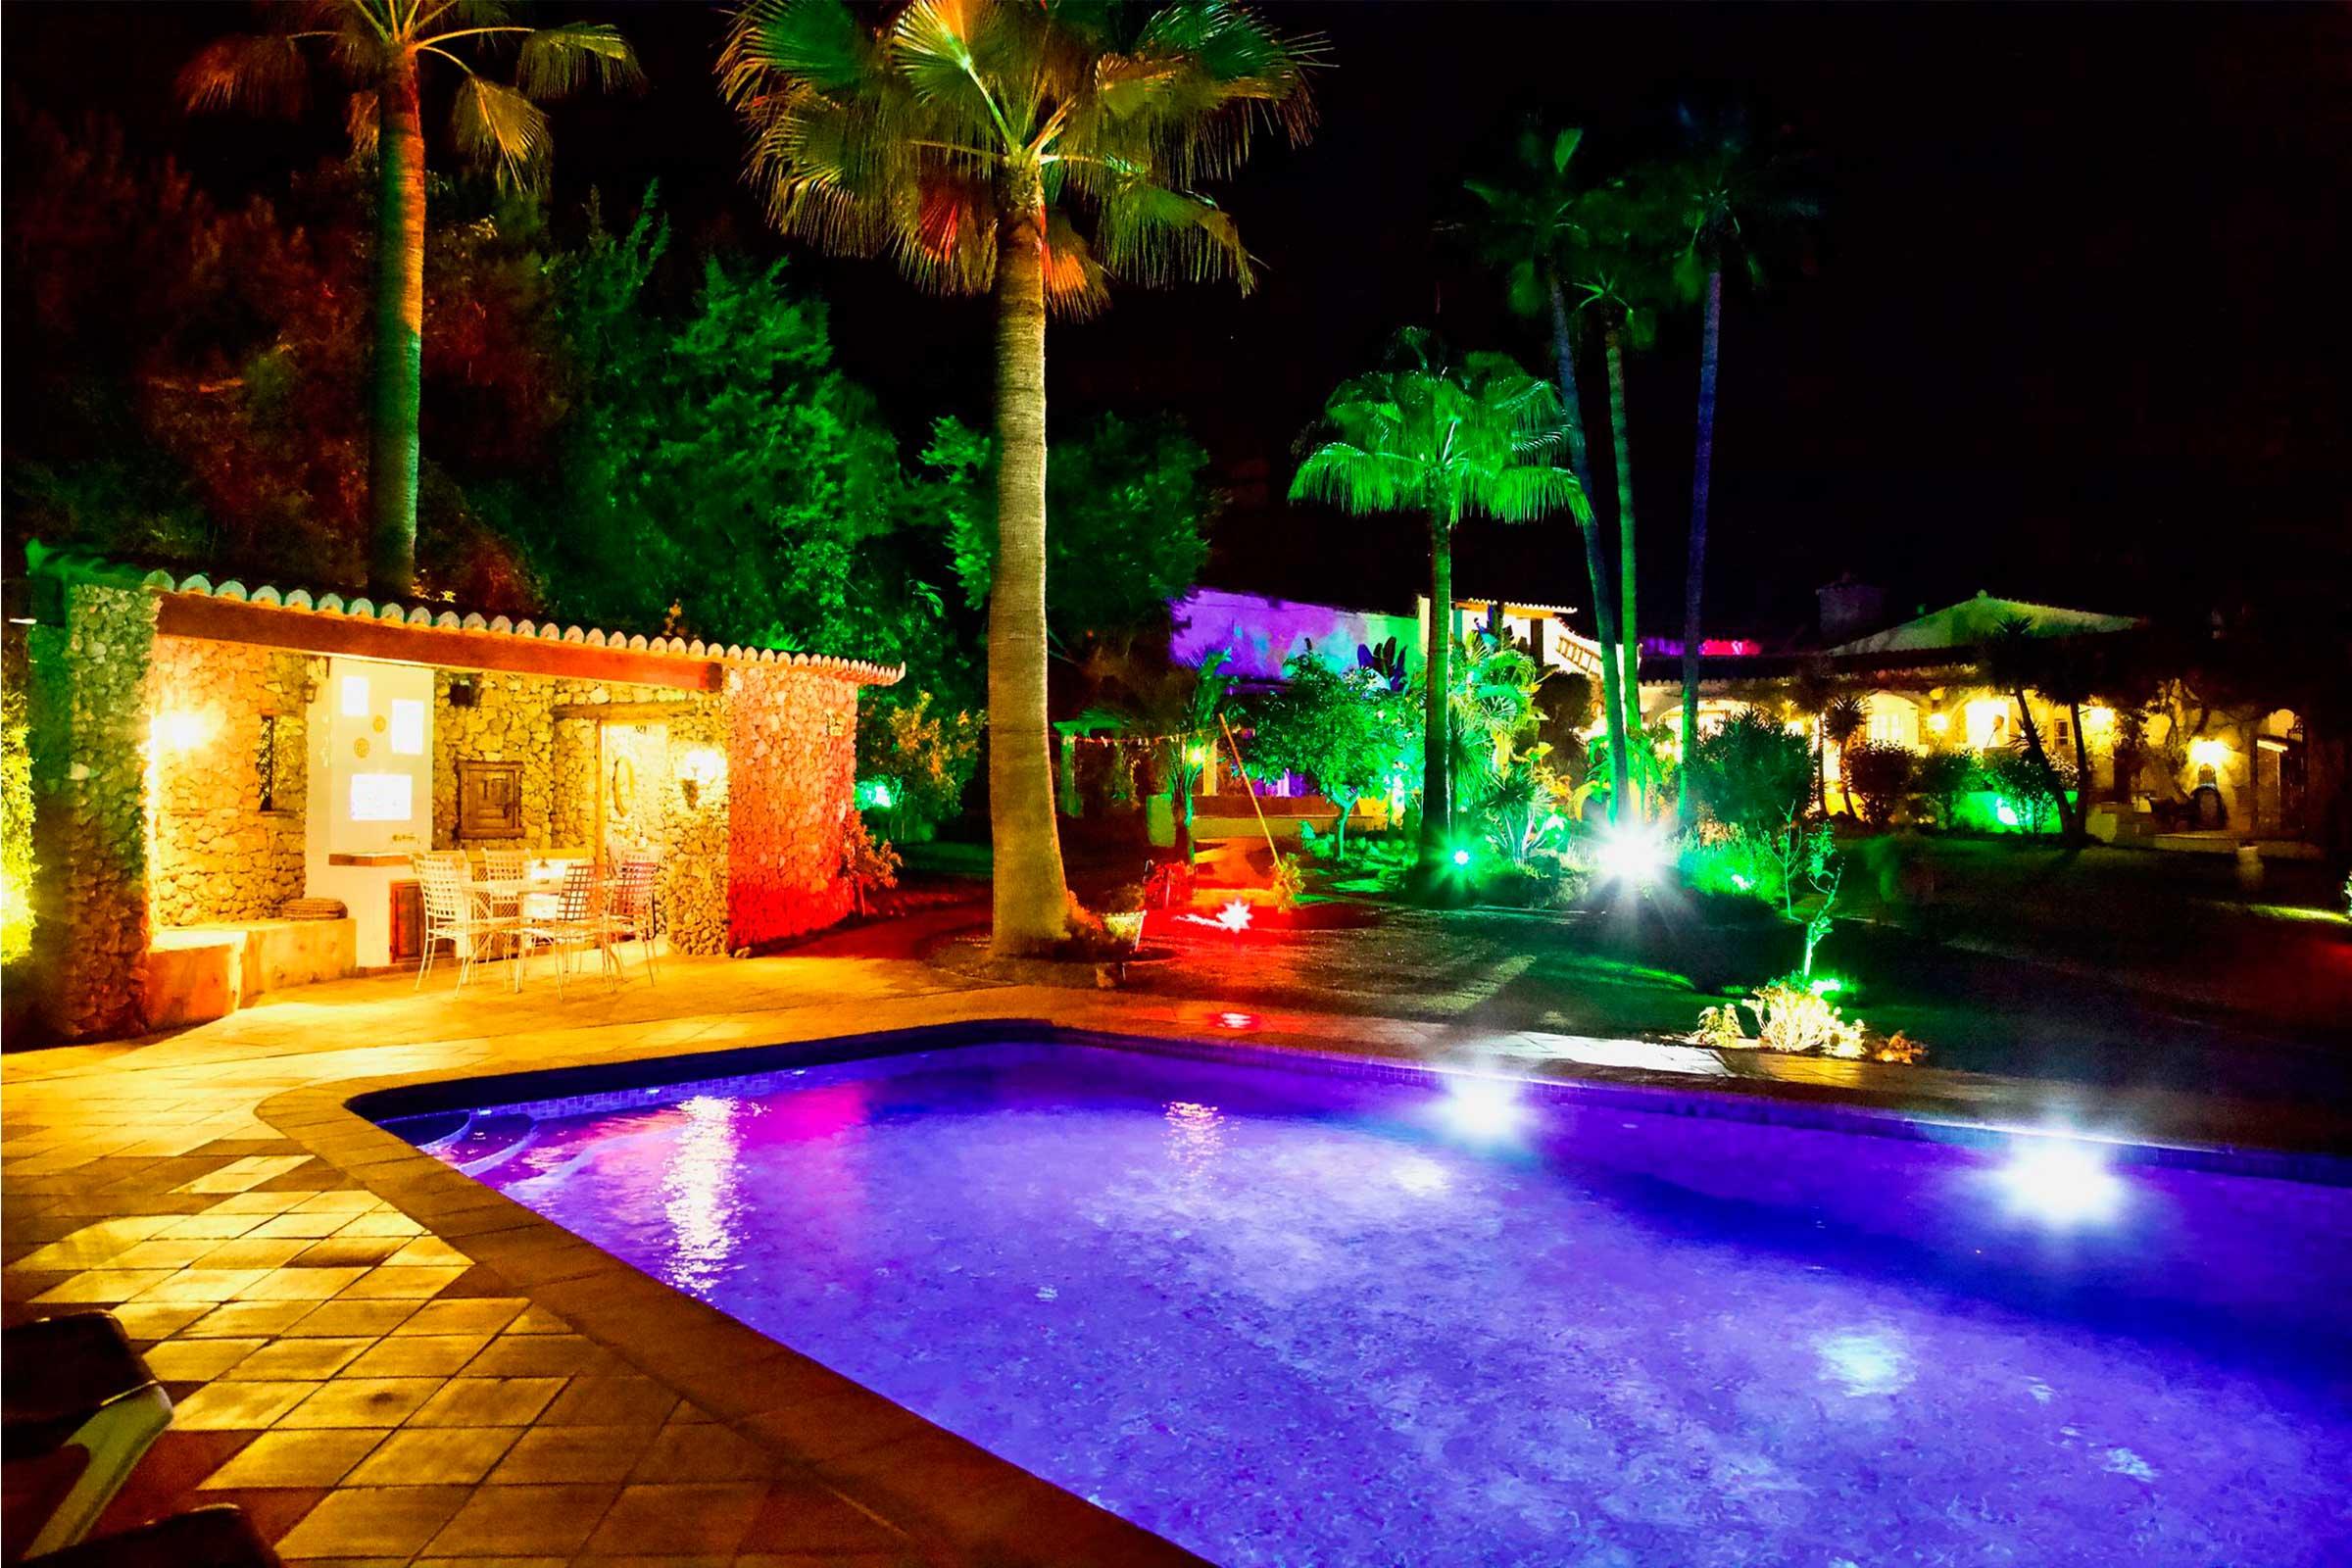 noche junto a la piscina